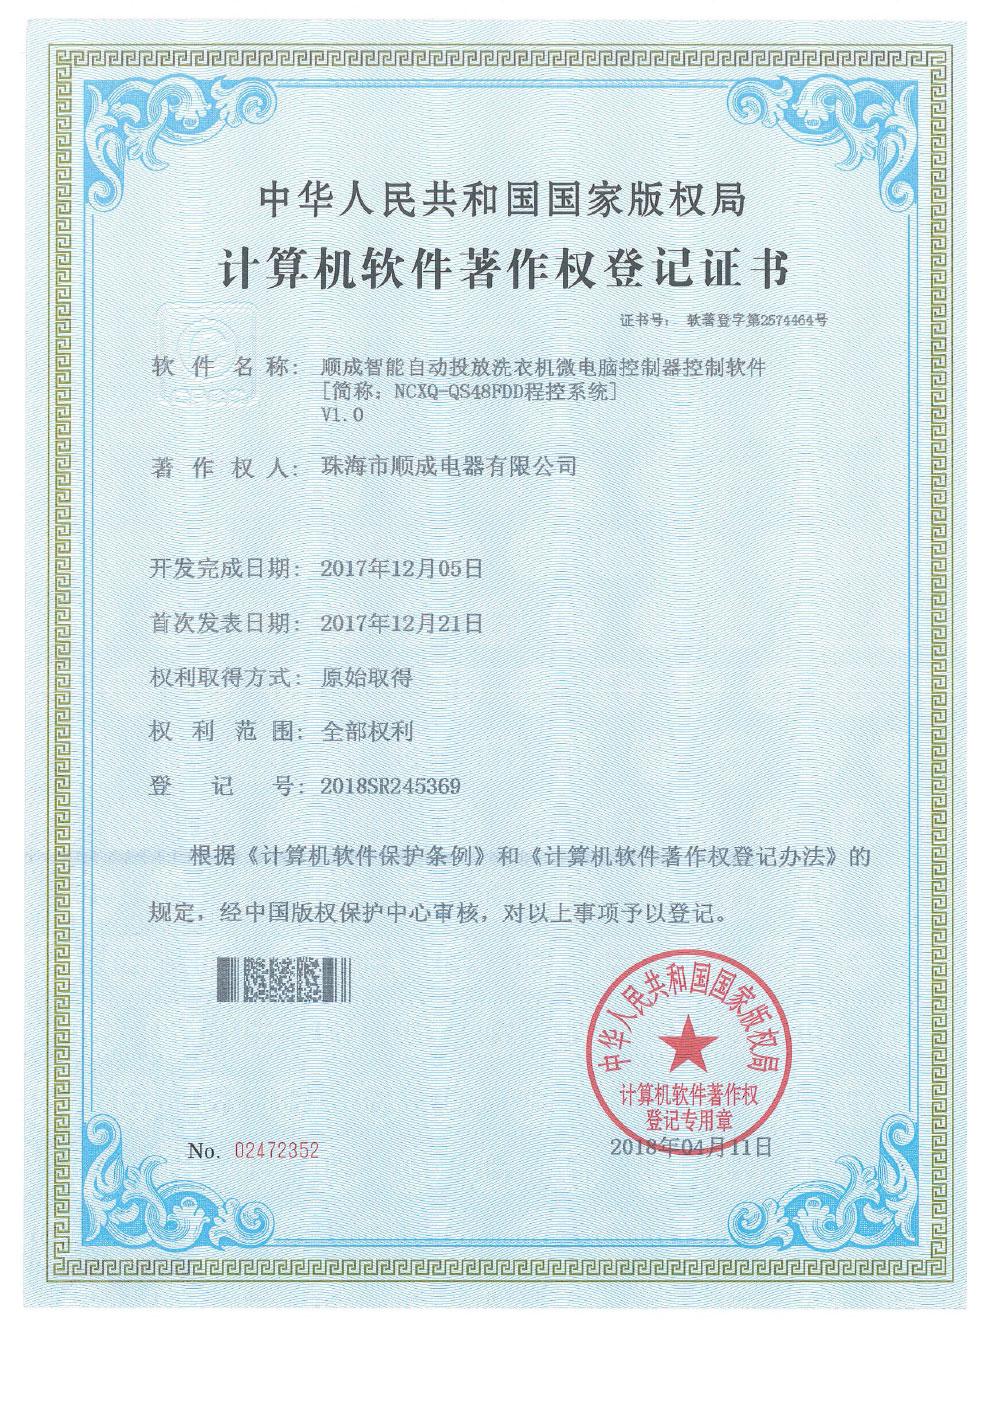 知識產權證書-8